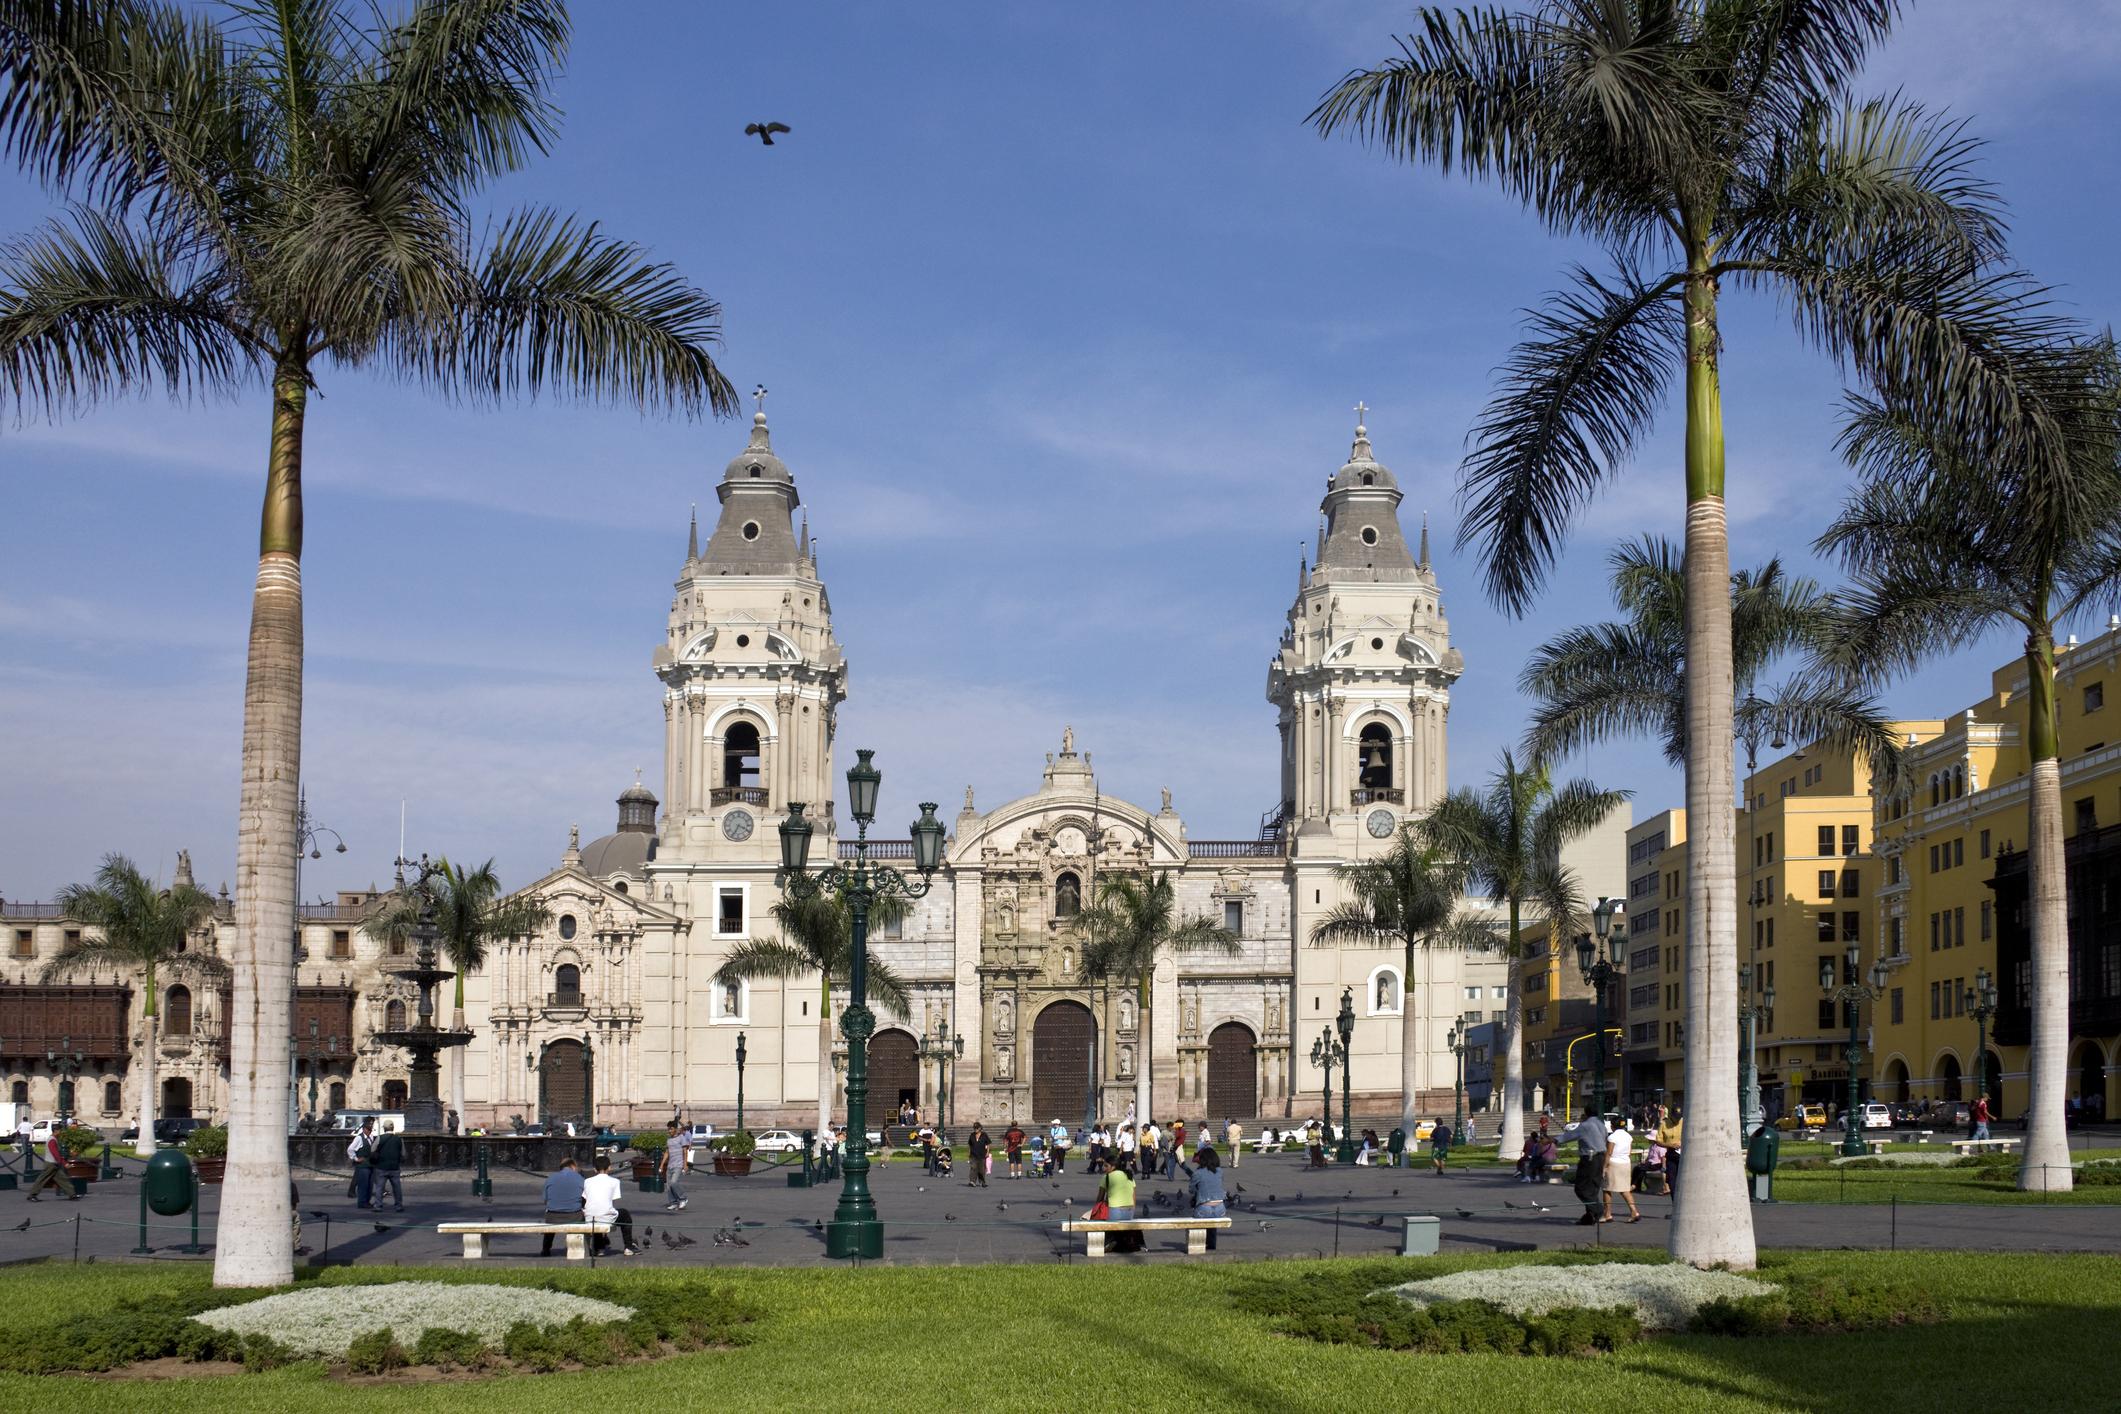 Bienvenido a una ciudad bulliciosa y llena de contrastes - Perú Gran Viaje Lo mejor de Perú